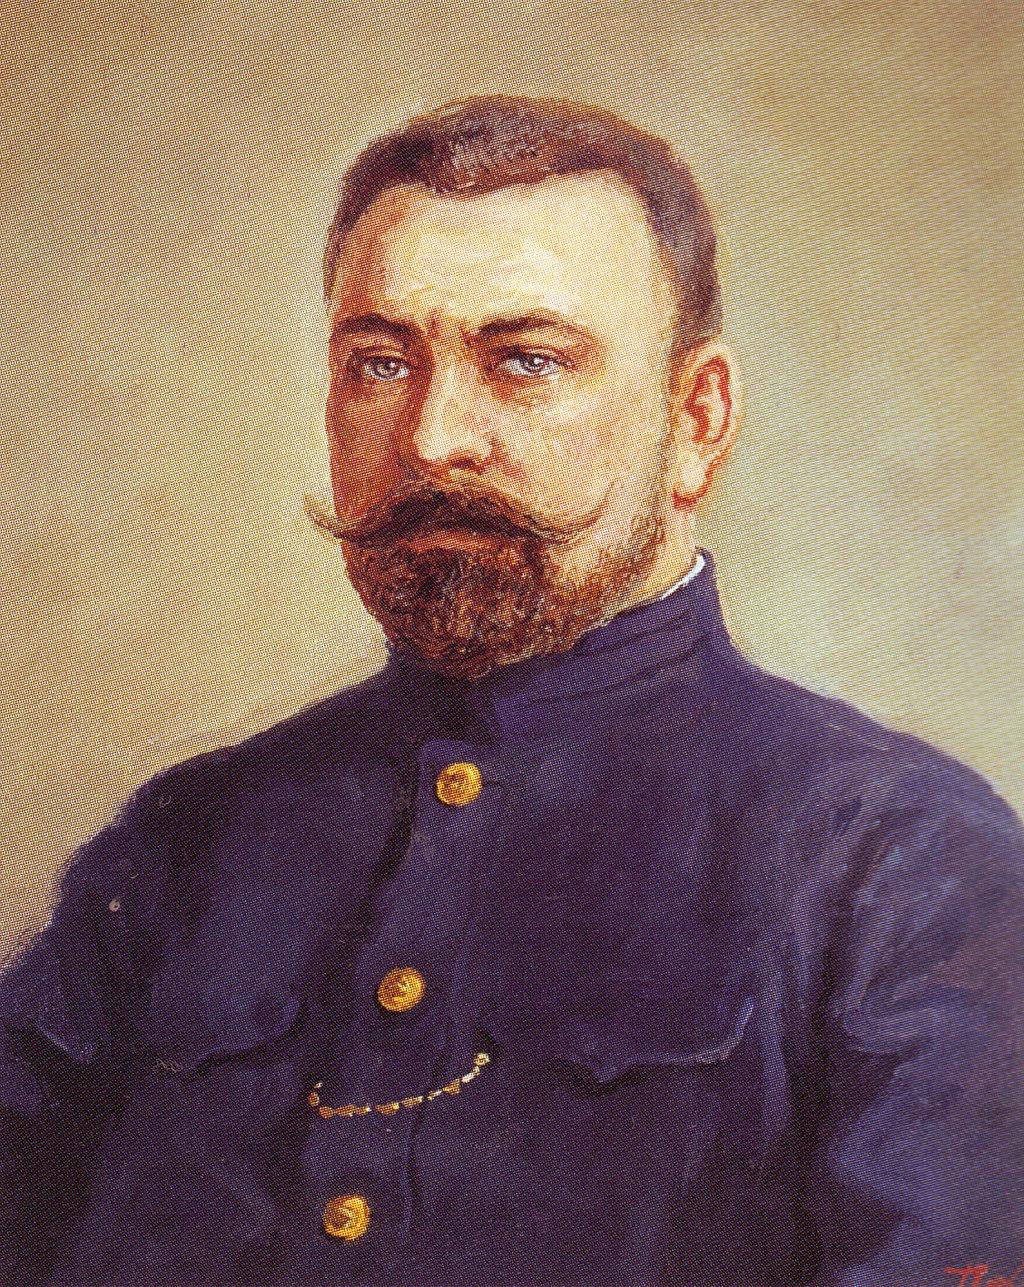 Контр-адмирал Василий Михайлович Альфатер. 2001.jpg